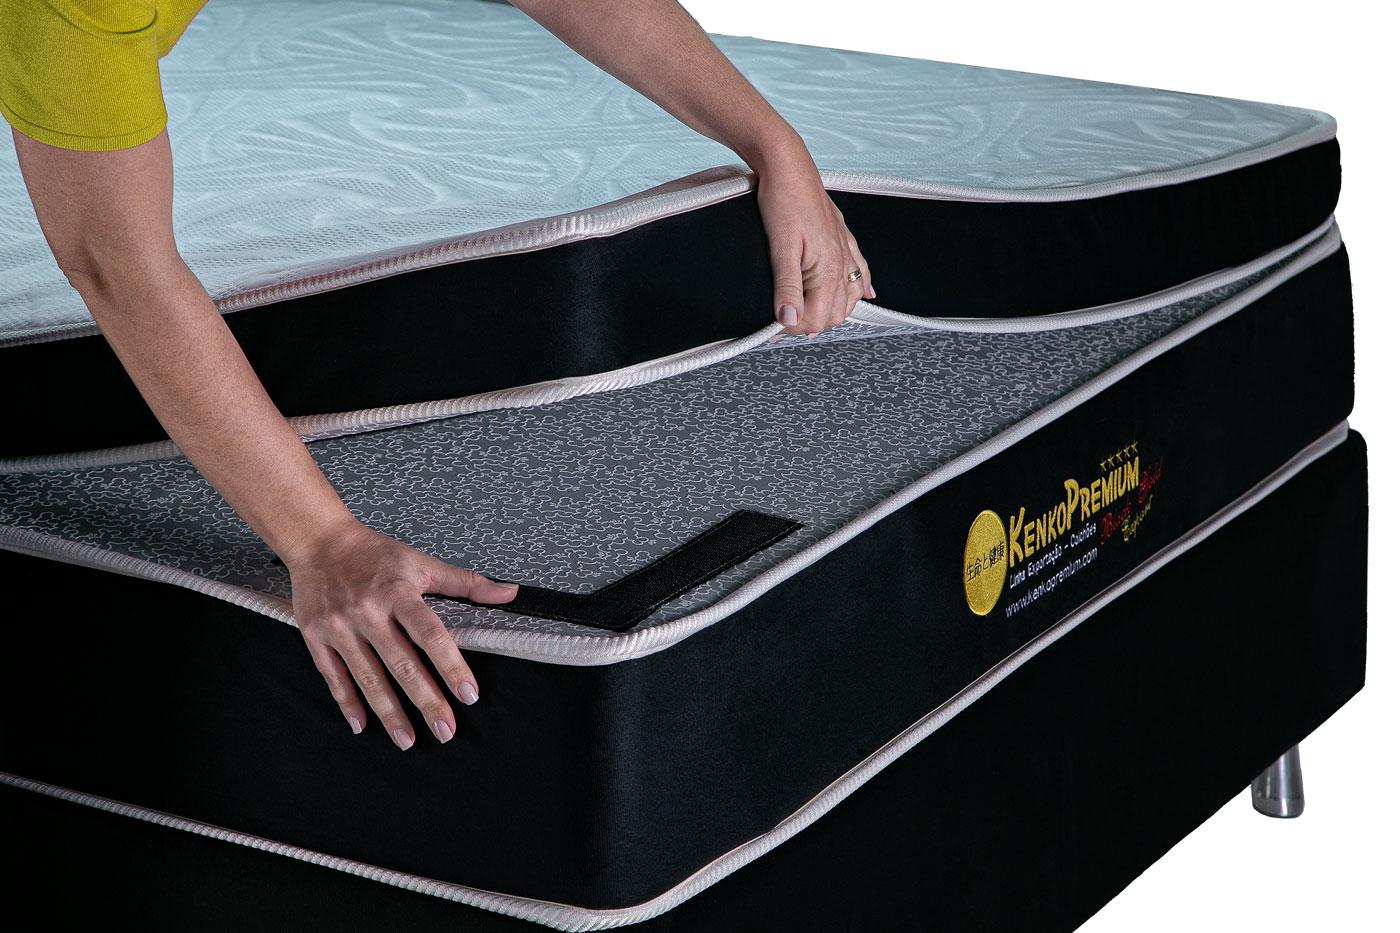 Colchão Magnético Kenko Premium, HR 29cm Látex + Massagem + Cromo - Solteiro 0,88x1,88  - Kenko Premium Colchões